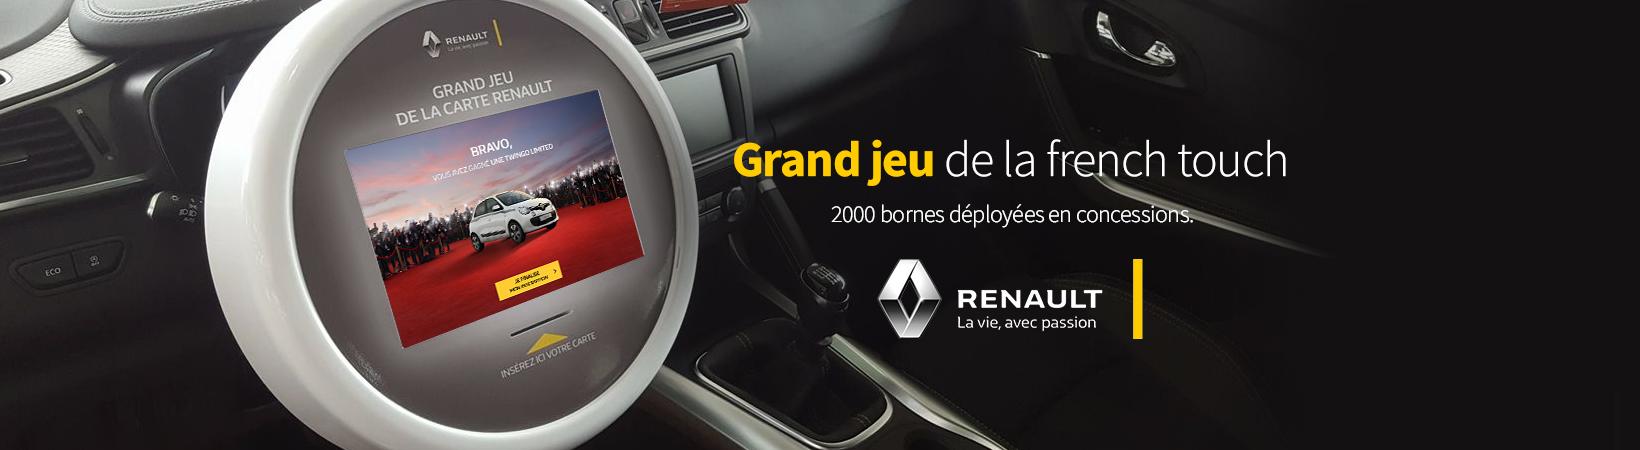 borne de jeu - portes ouvertes Renault